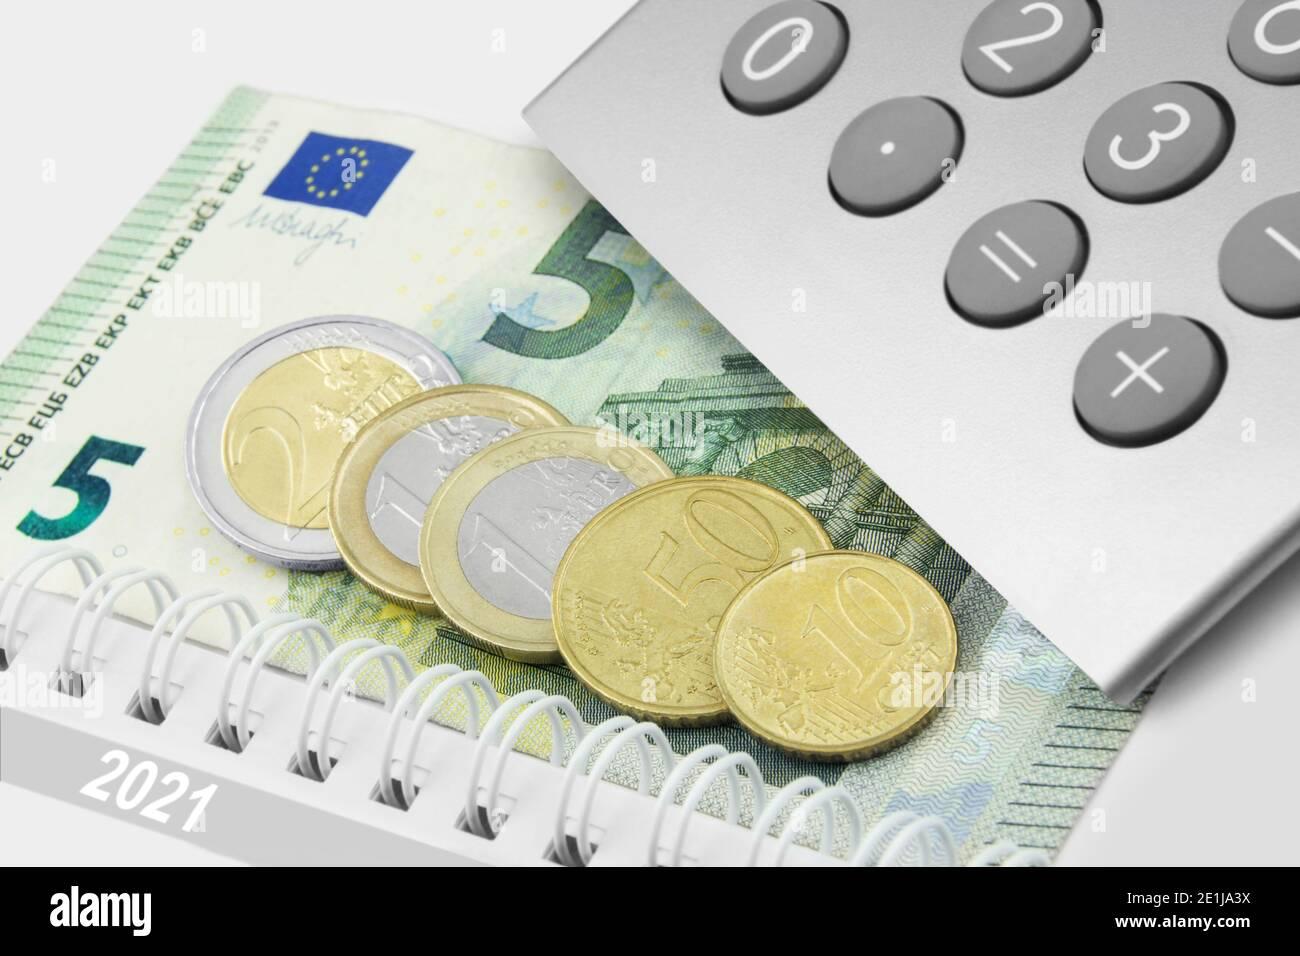 Deutschland 2021 Mindestlohn 9,60 Euro und Rechner Stock Photo